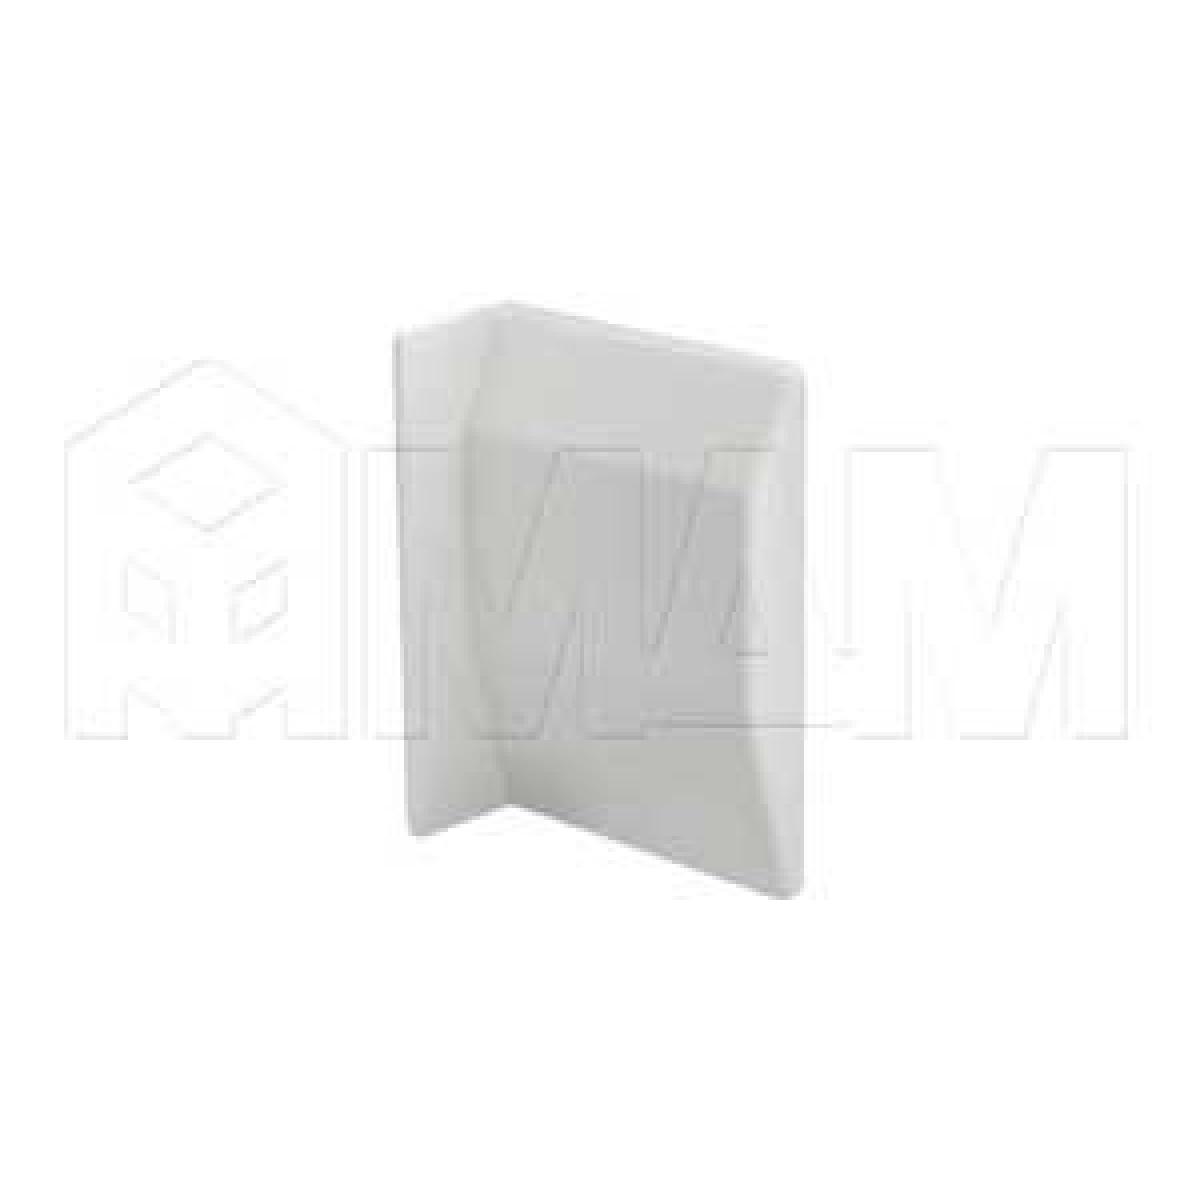 807 Заглушка для мебельного навеса, пластик, белая, левая